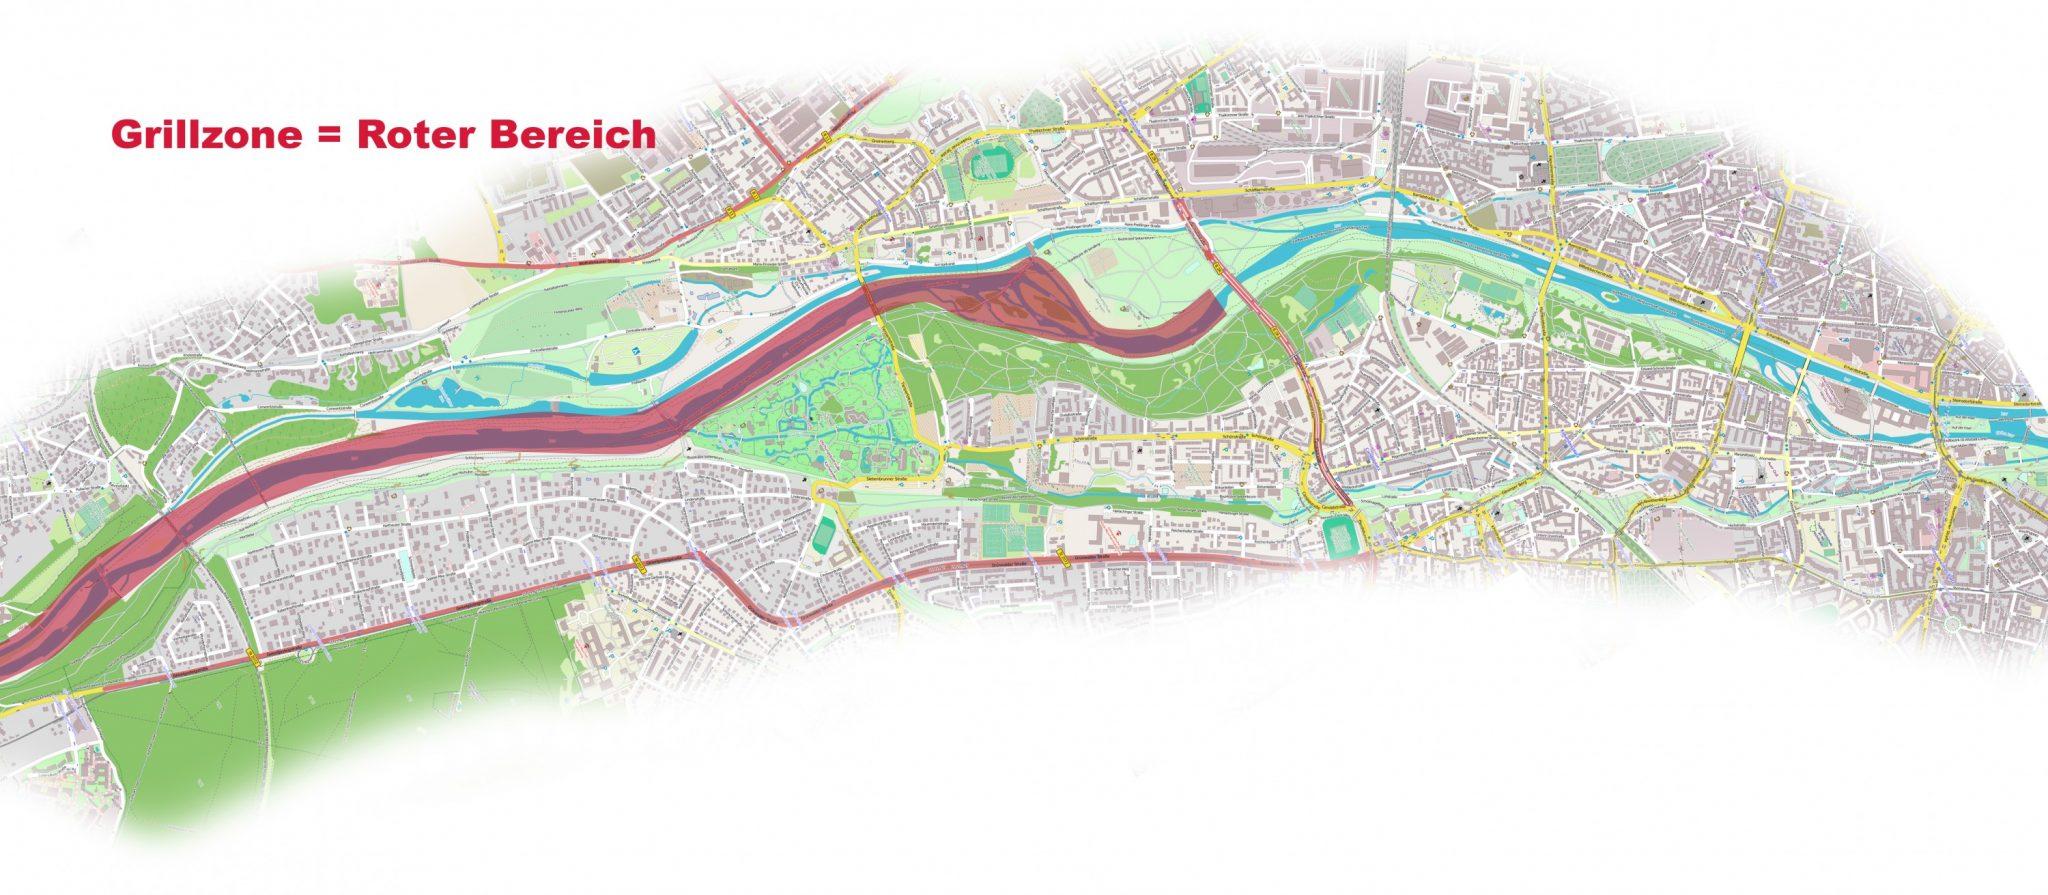 Isar Fluss Karte.Grillen Deine Isar E V